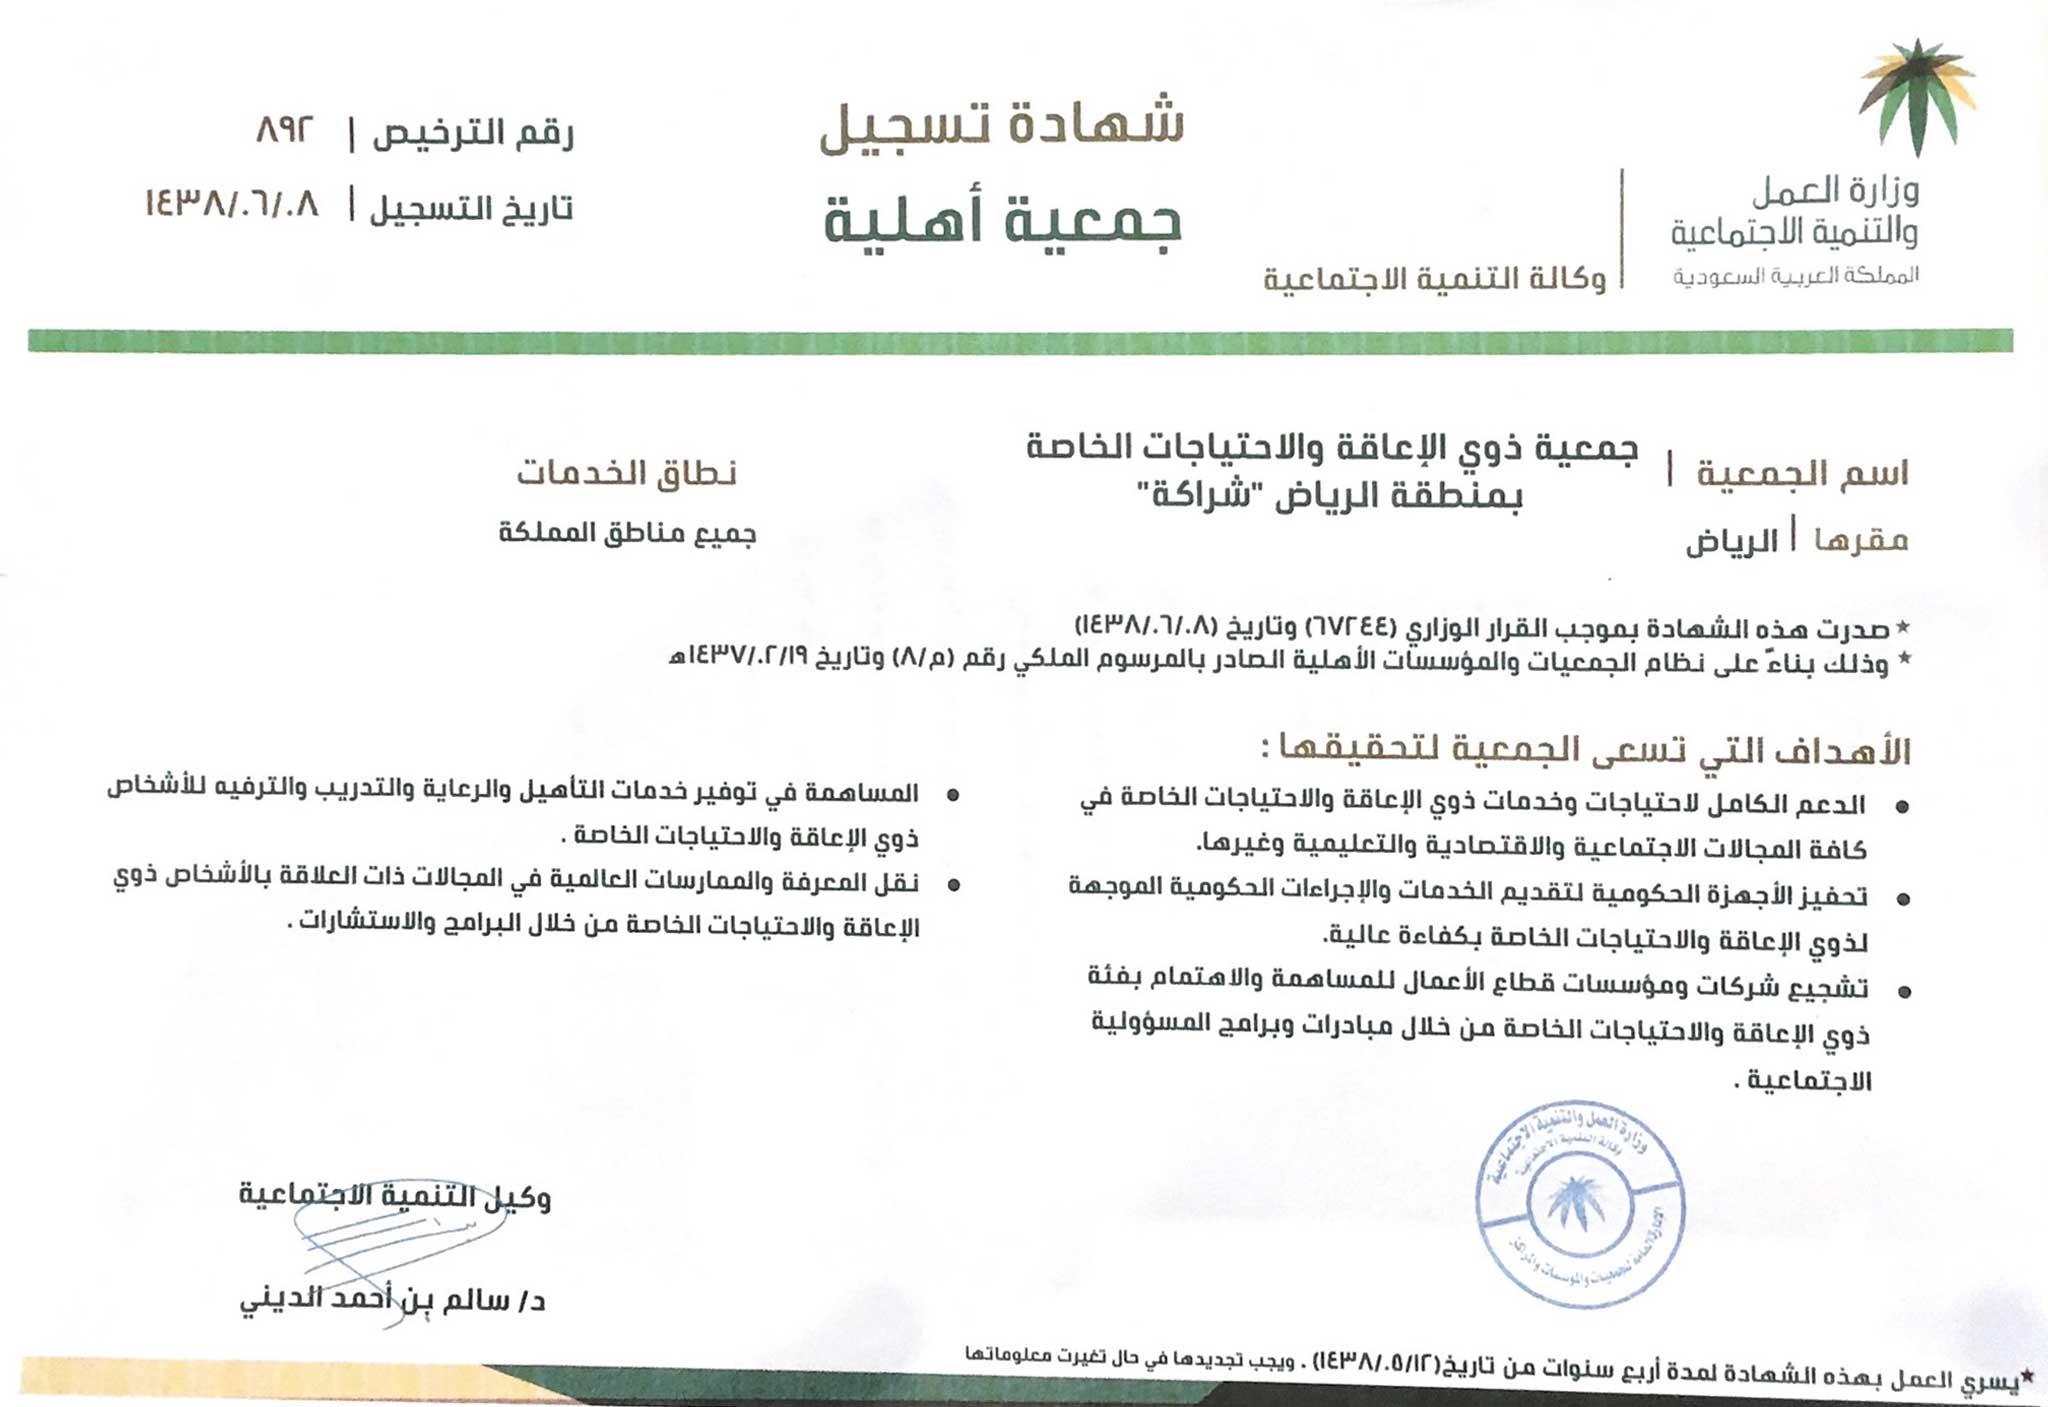 شهادة تسجيل جمعية شراكة